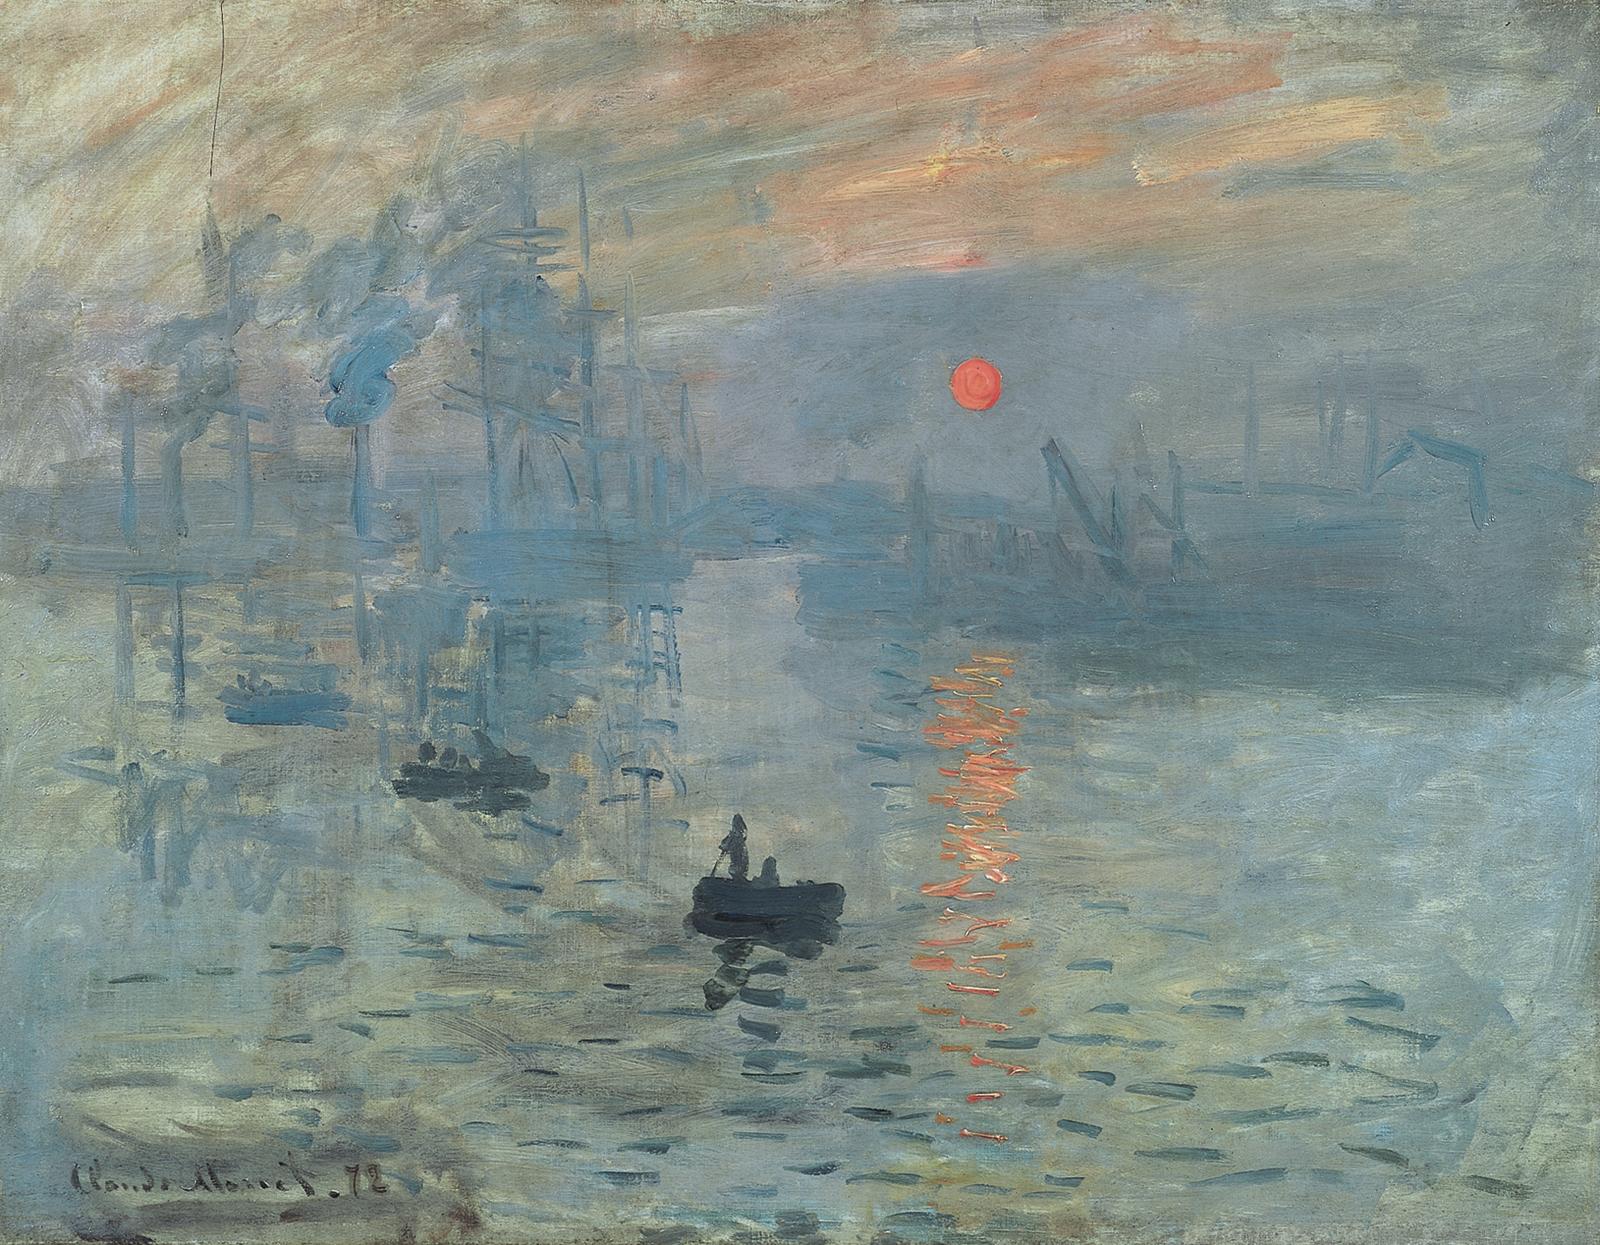 Impression, soleil levant, de Claude Monet